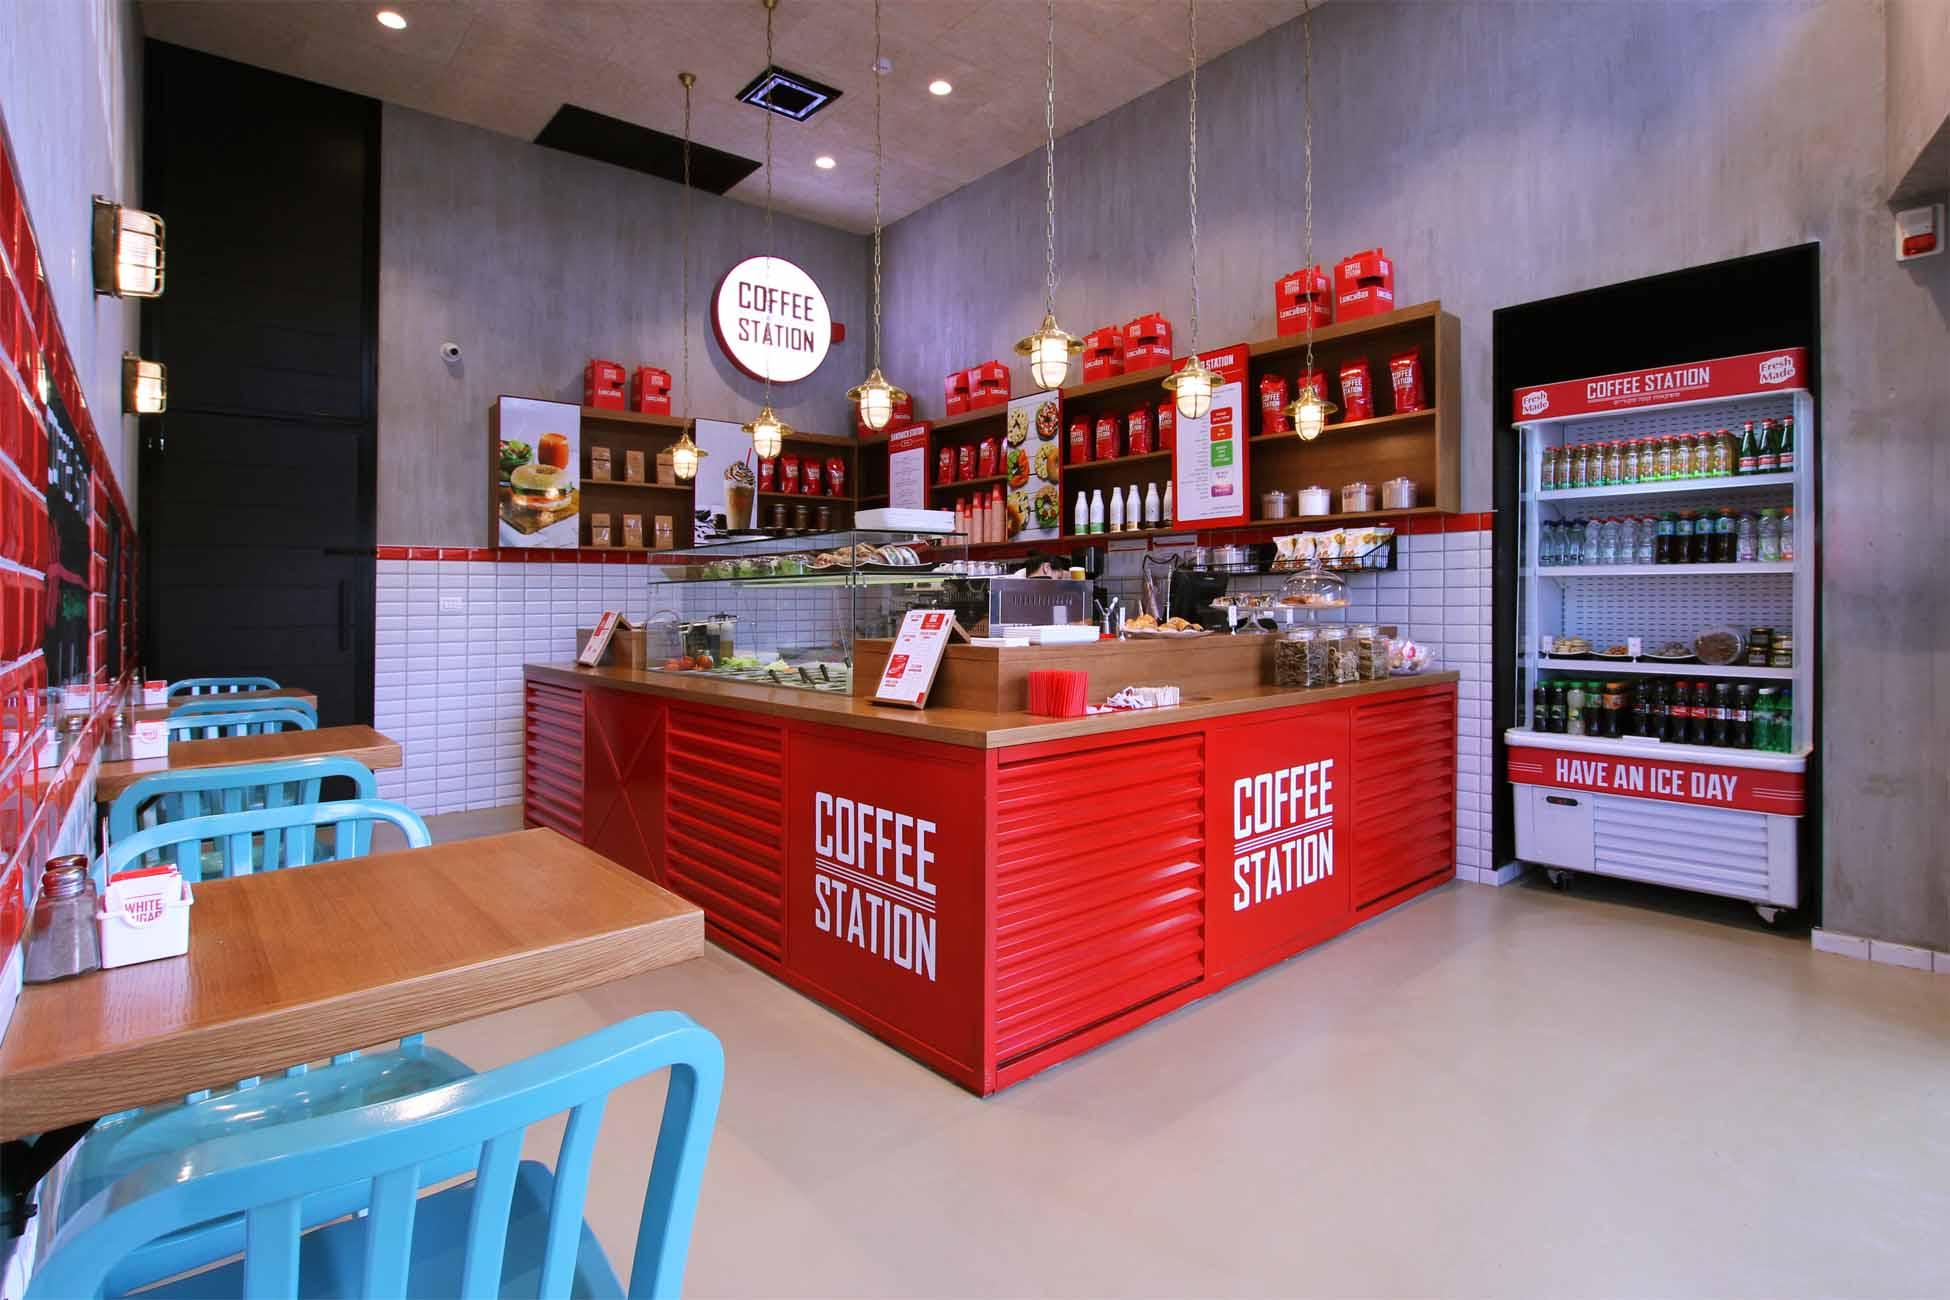 10_Coffee Station Hertzelia.jpg